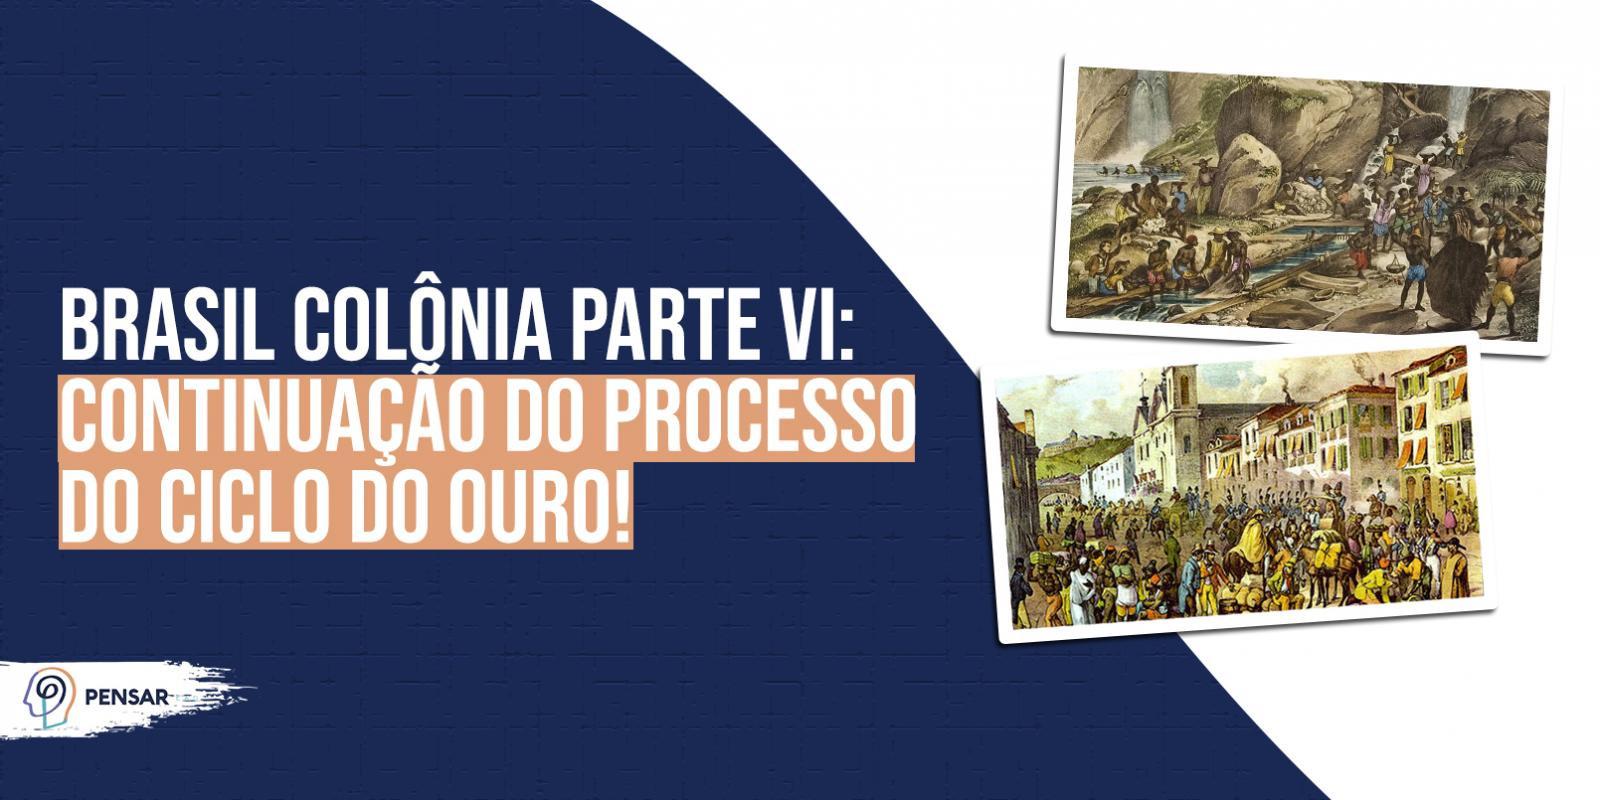 Brasil Colônia parte VI: continuação do processo do ciclo do ouro!